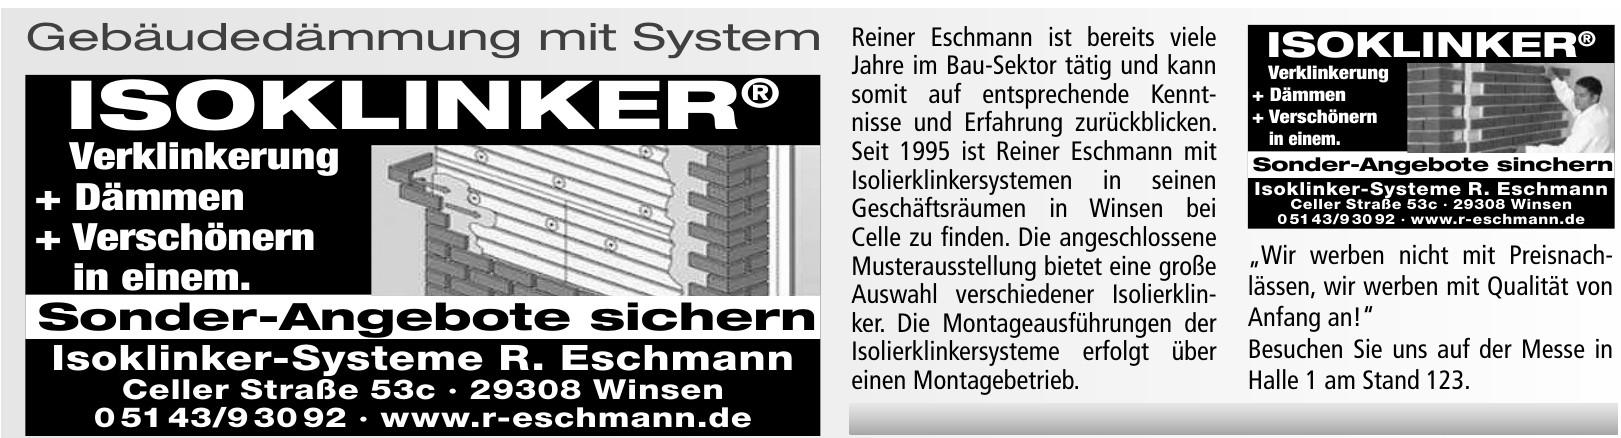 Isoklinker-Systeme R. Eschmann